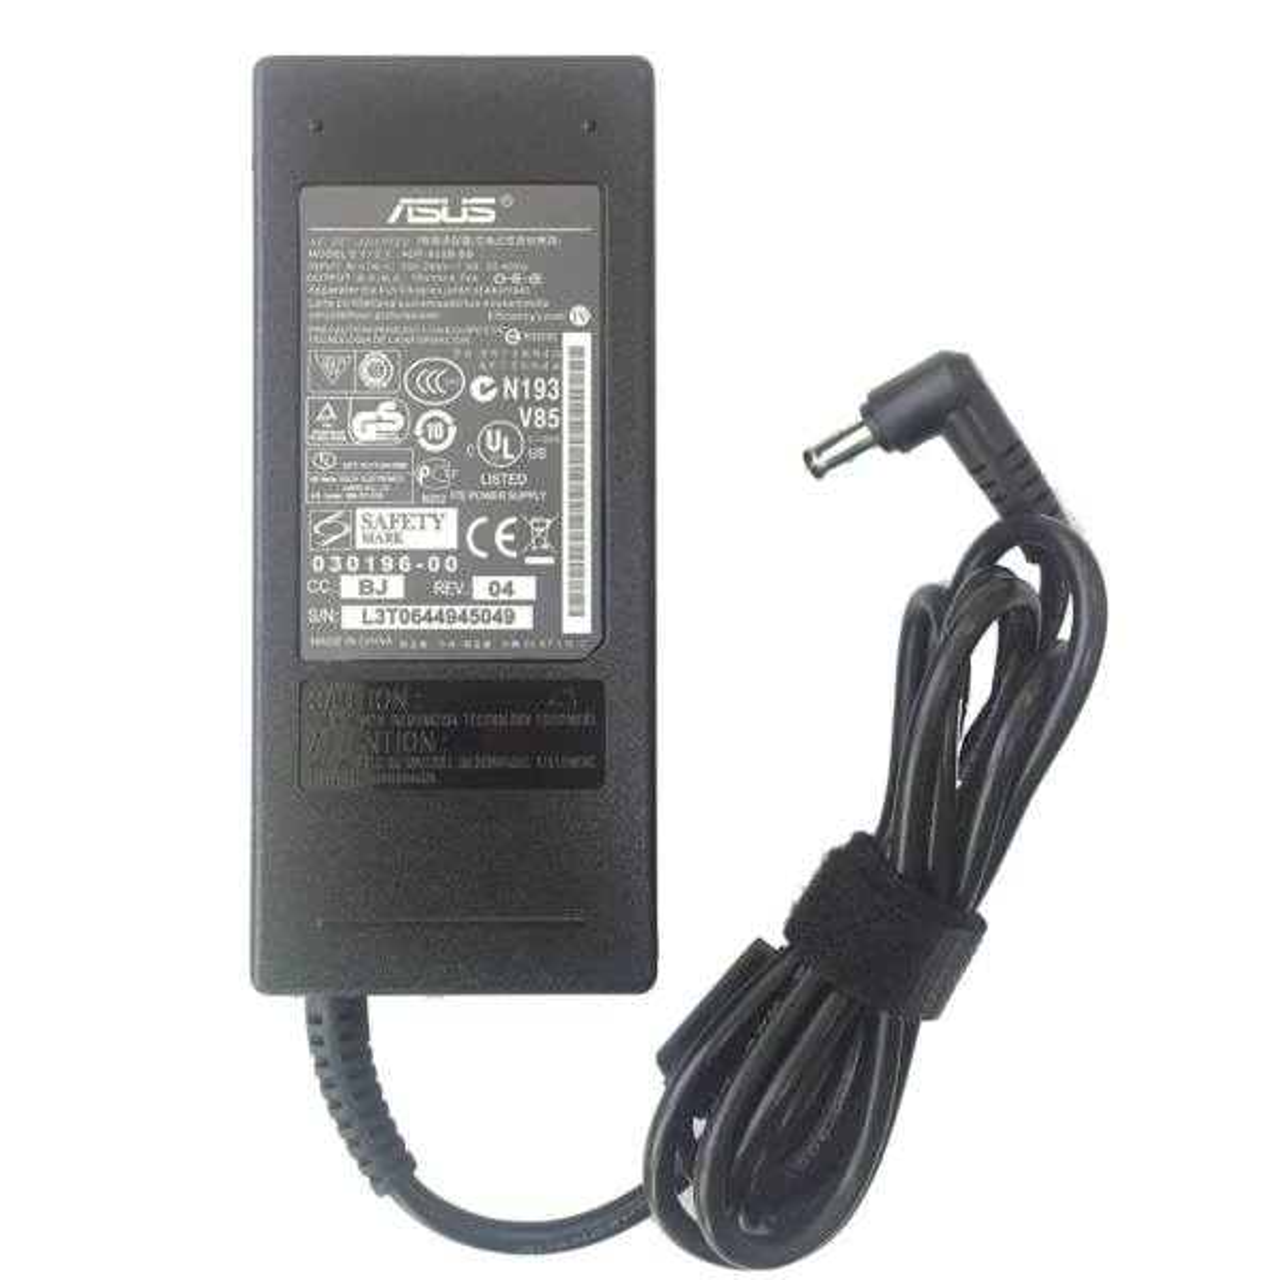 شارژر لپ تاپ 19 ولت 4.7 آمپر ایسوس مدلAdp-90sb-bb